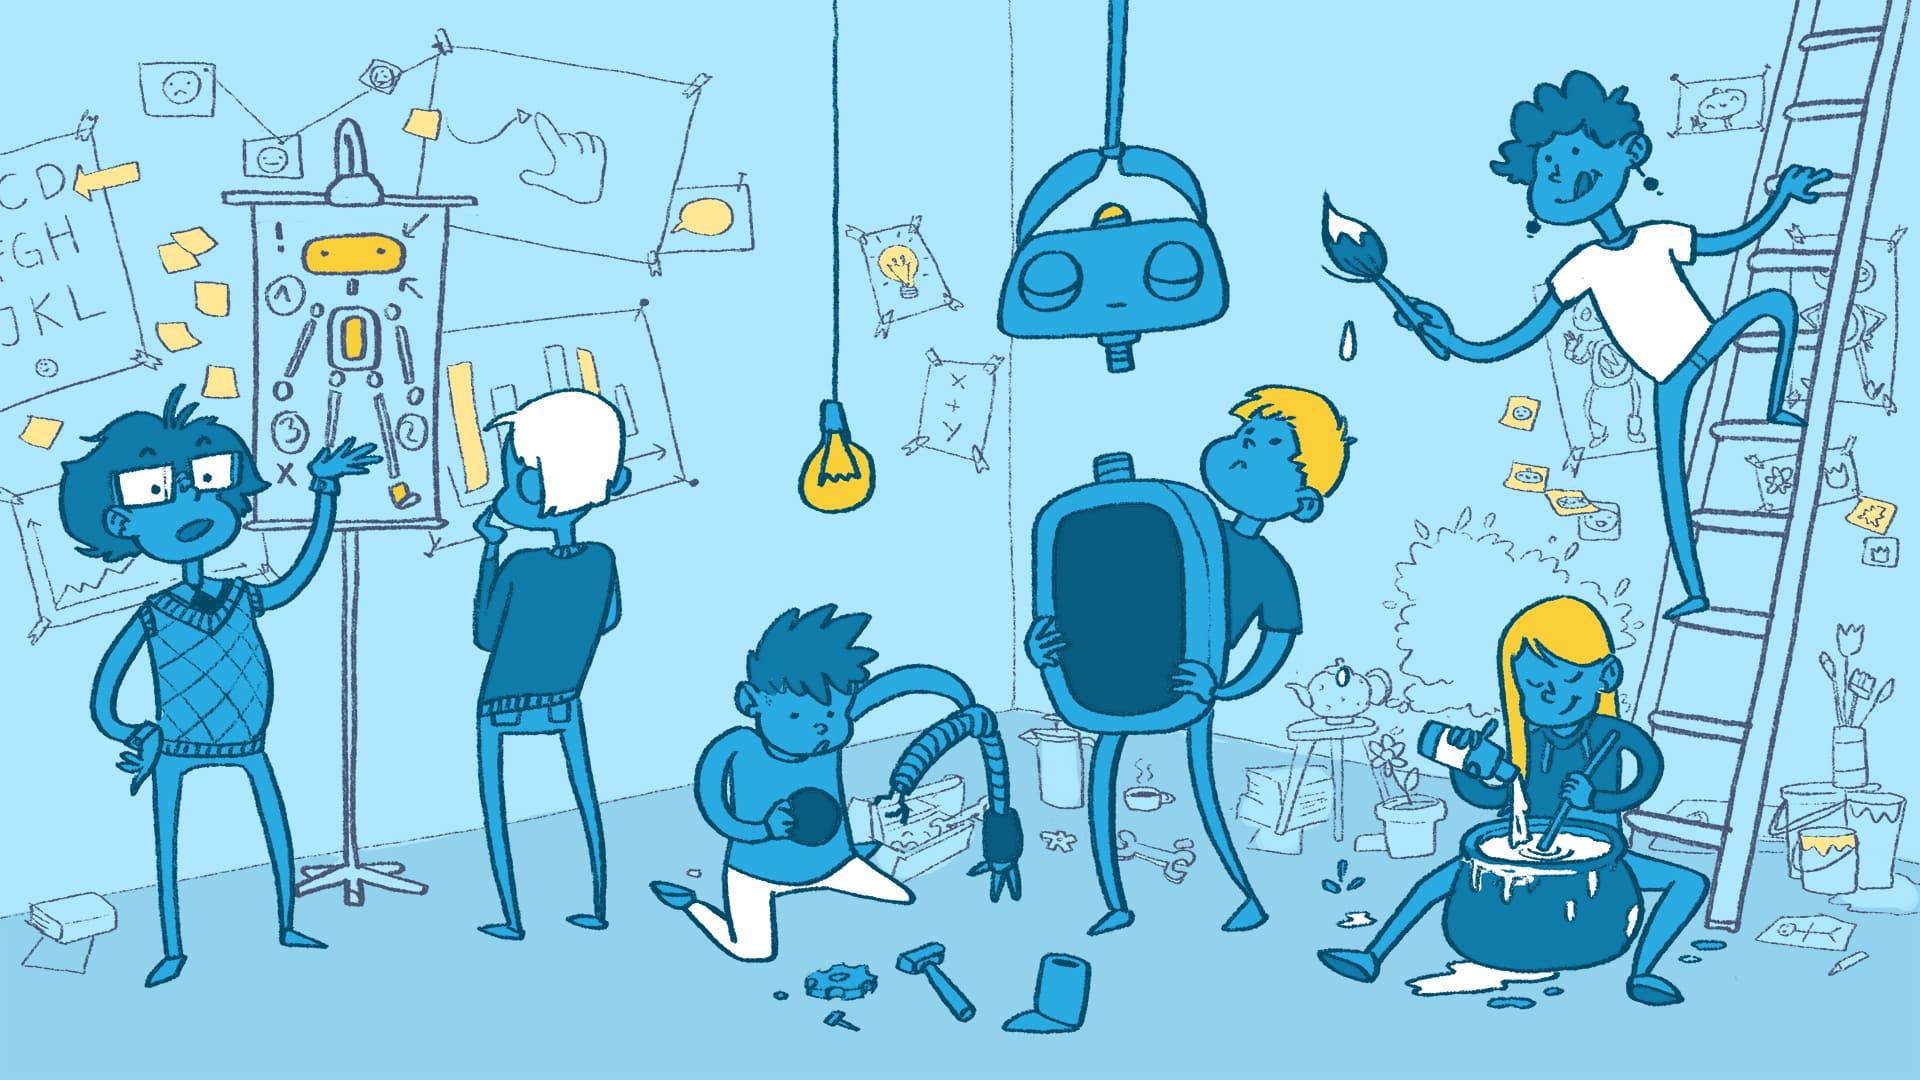 Eine Illustration, auf der ein Team zusammen an einem Roboter baut.